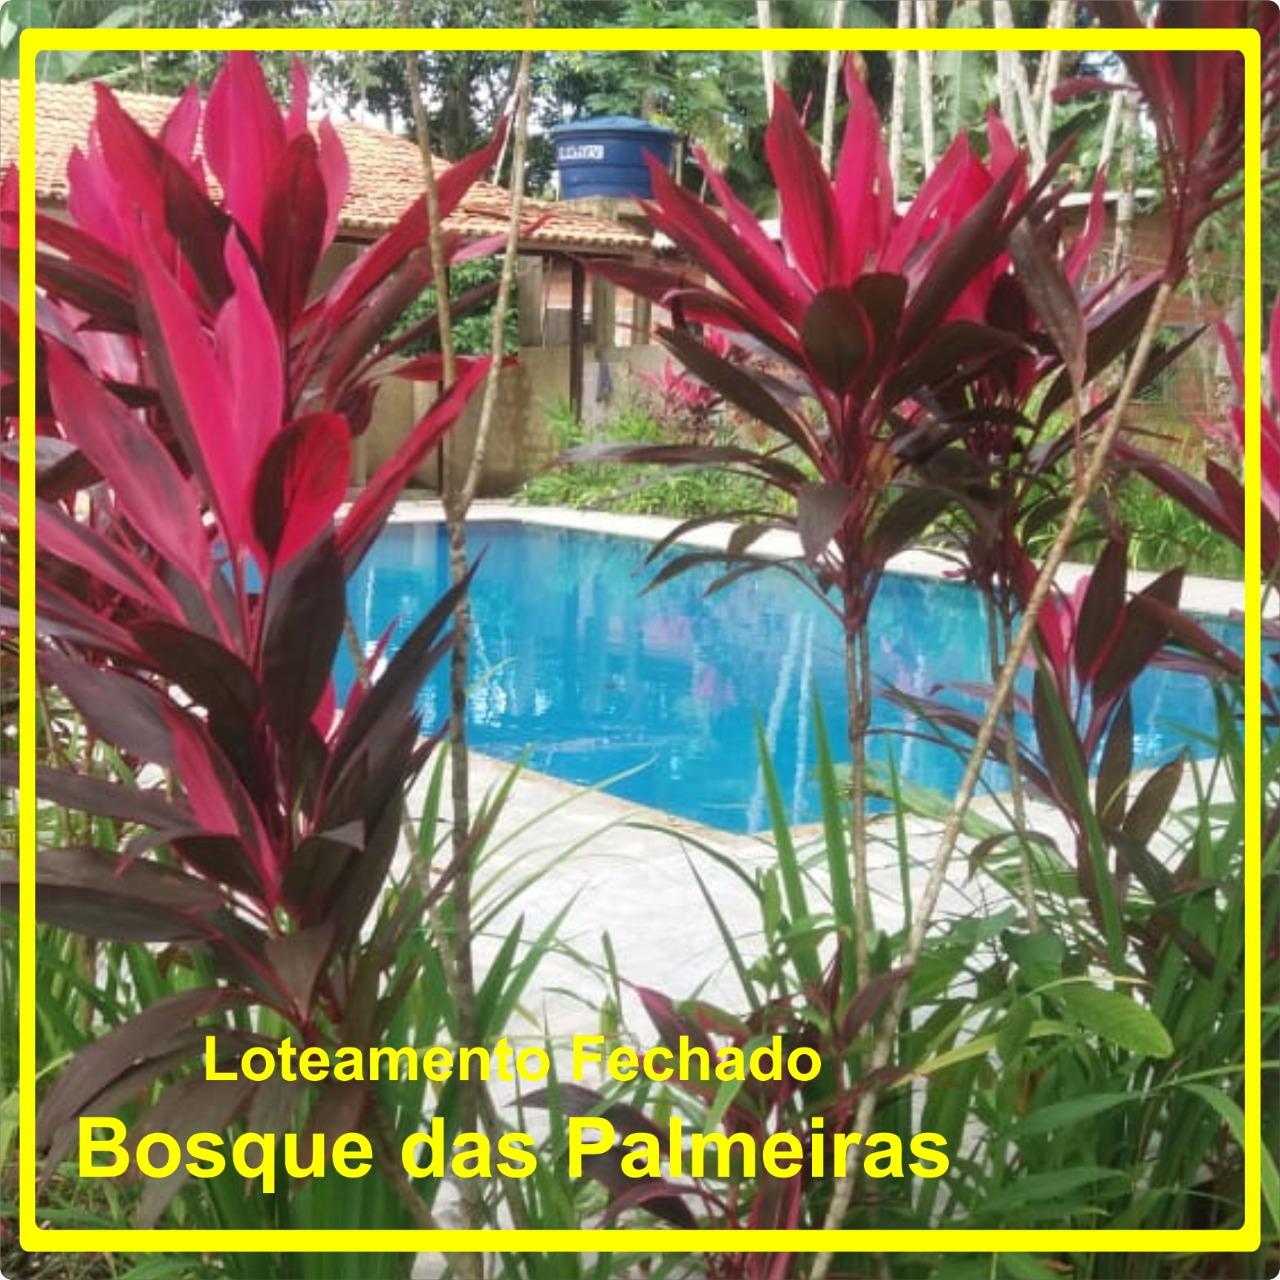 Terrenos-Ananindeua-Bosque-das-Palmeiras-Parreira Corretor-Poupança-ou-Terrenos-Aplicar-Lotes-terrenos-casas-em-Ananindeua-Salinas-Maruda-Pará